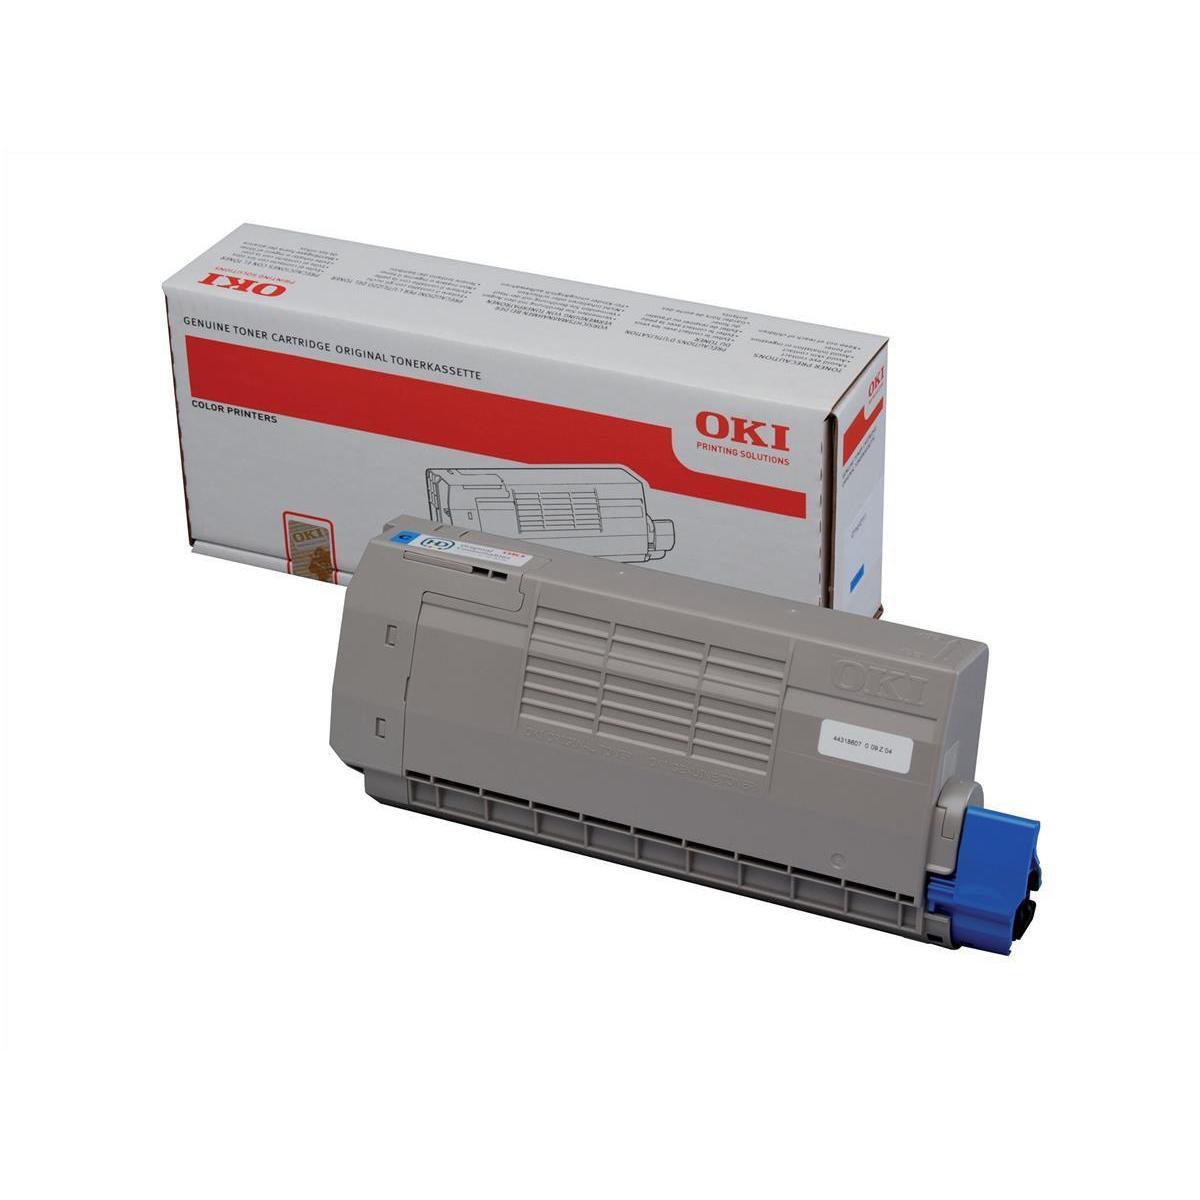 OKI Laser Toner Cartridge High Yield Page Life 11500pp Cyan Ref 44318607